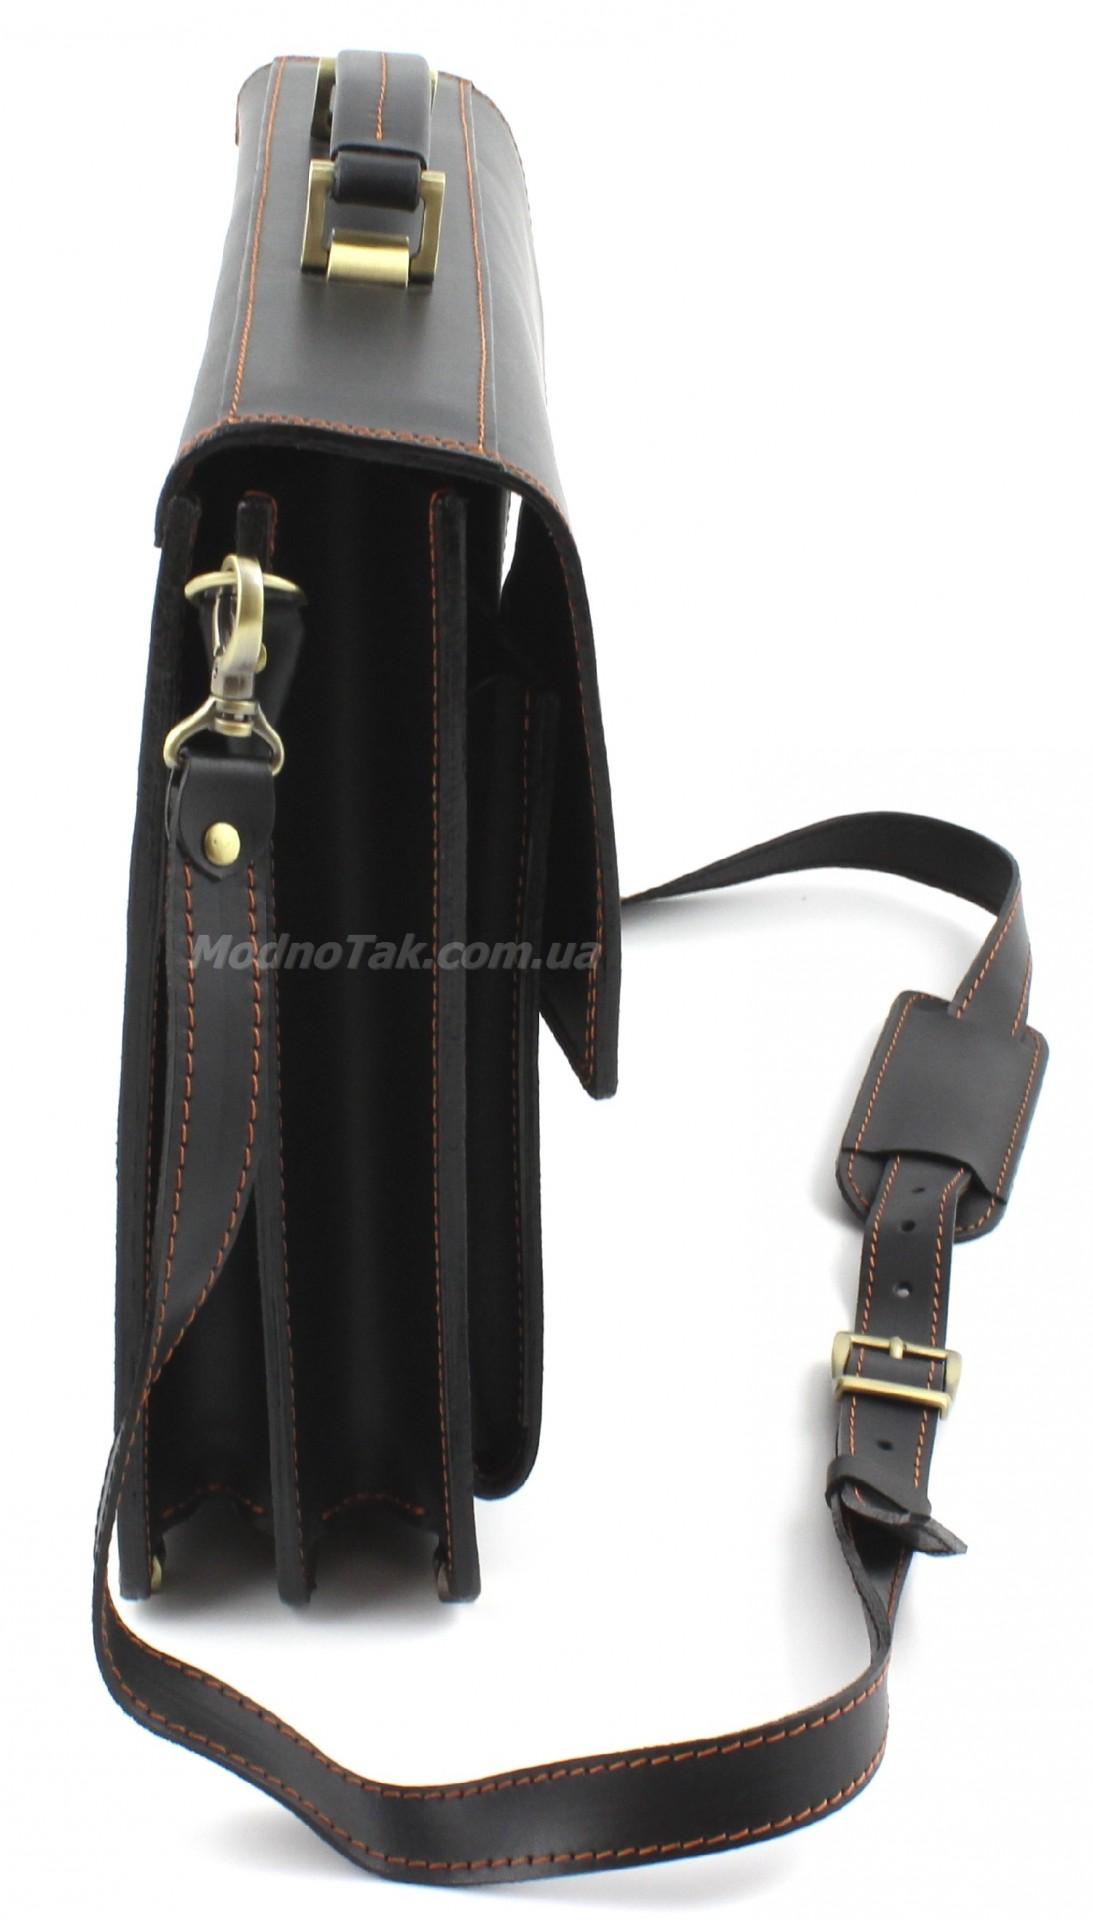 b00b144e99f5 Презентабельный мужской портфель ручной работы из натуральной крепкой кожи  (10412)